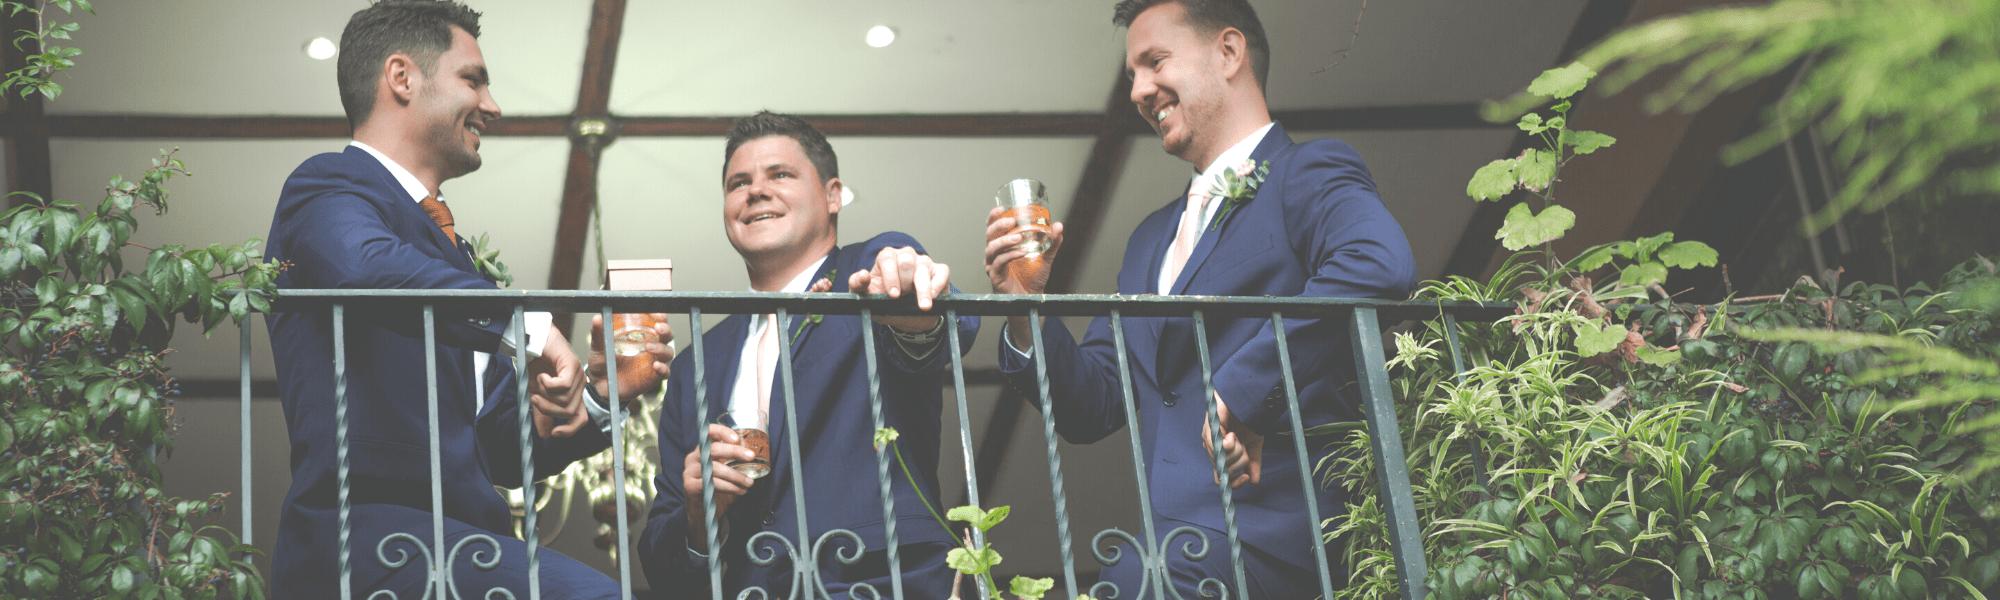 Groom with groomsmen on balcony